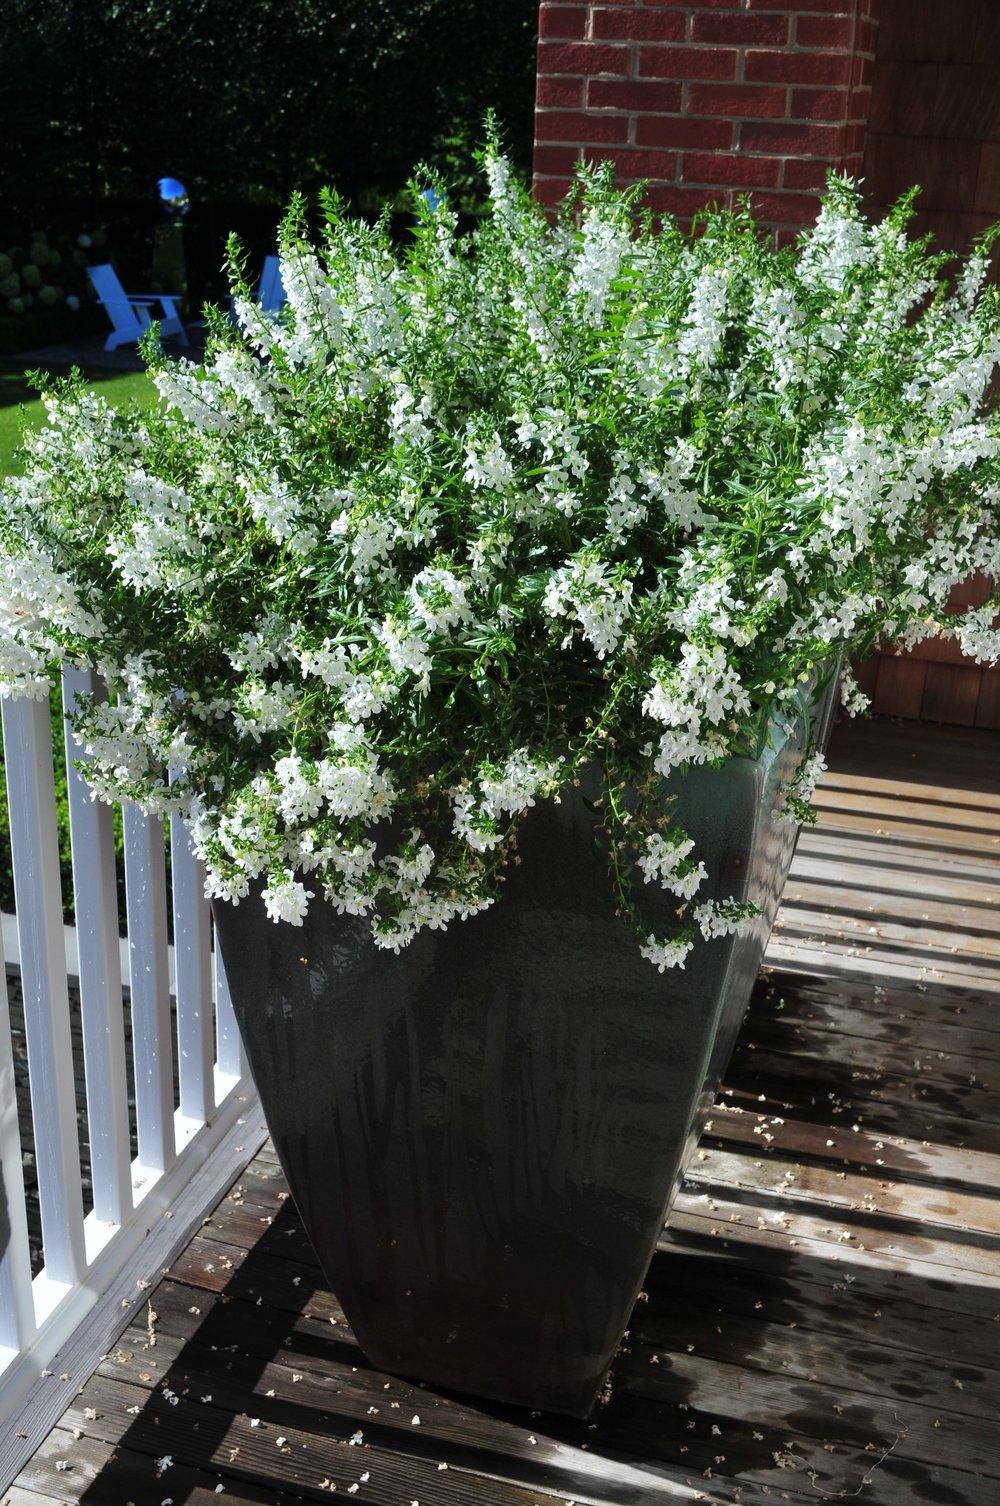 Angelonia Planters Robin Kramer Garden Design  http://www.robinkramergardendesign.com/rkgd-blog/